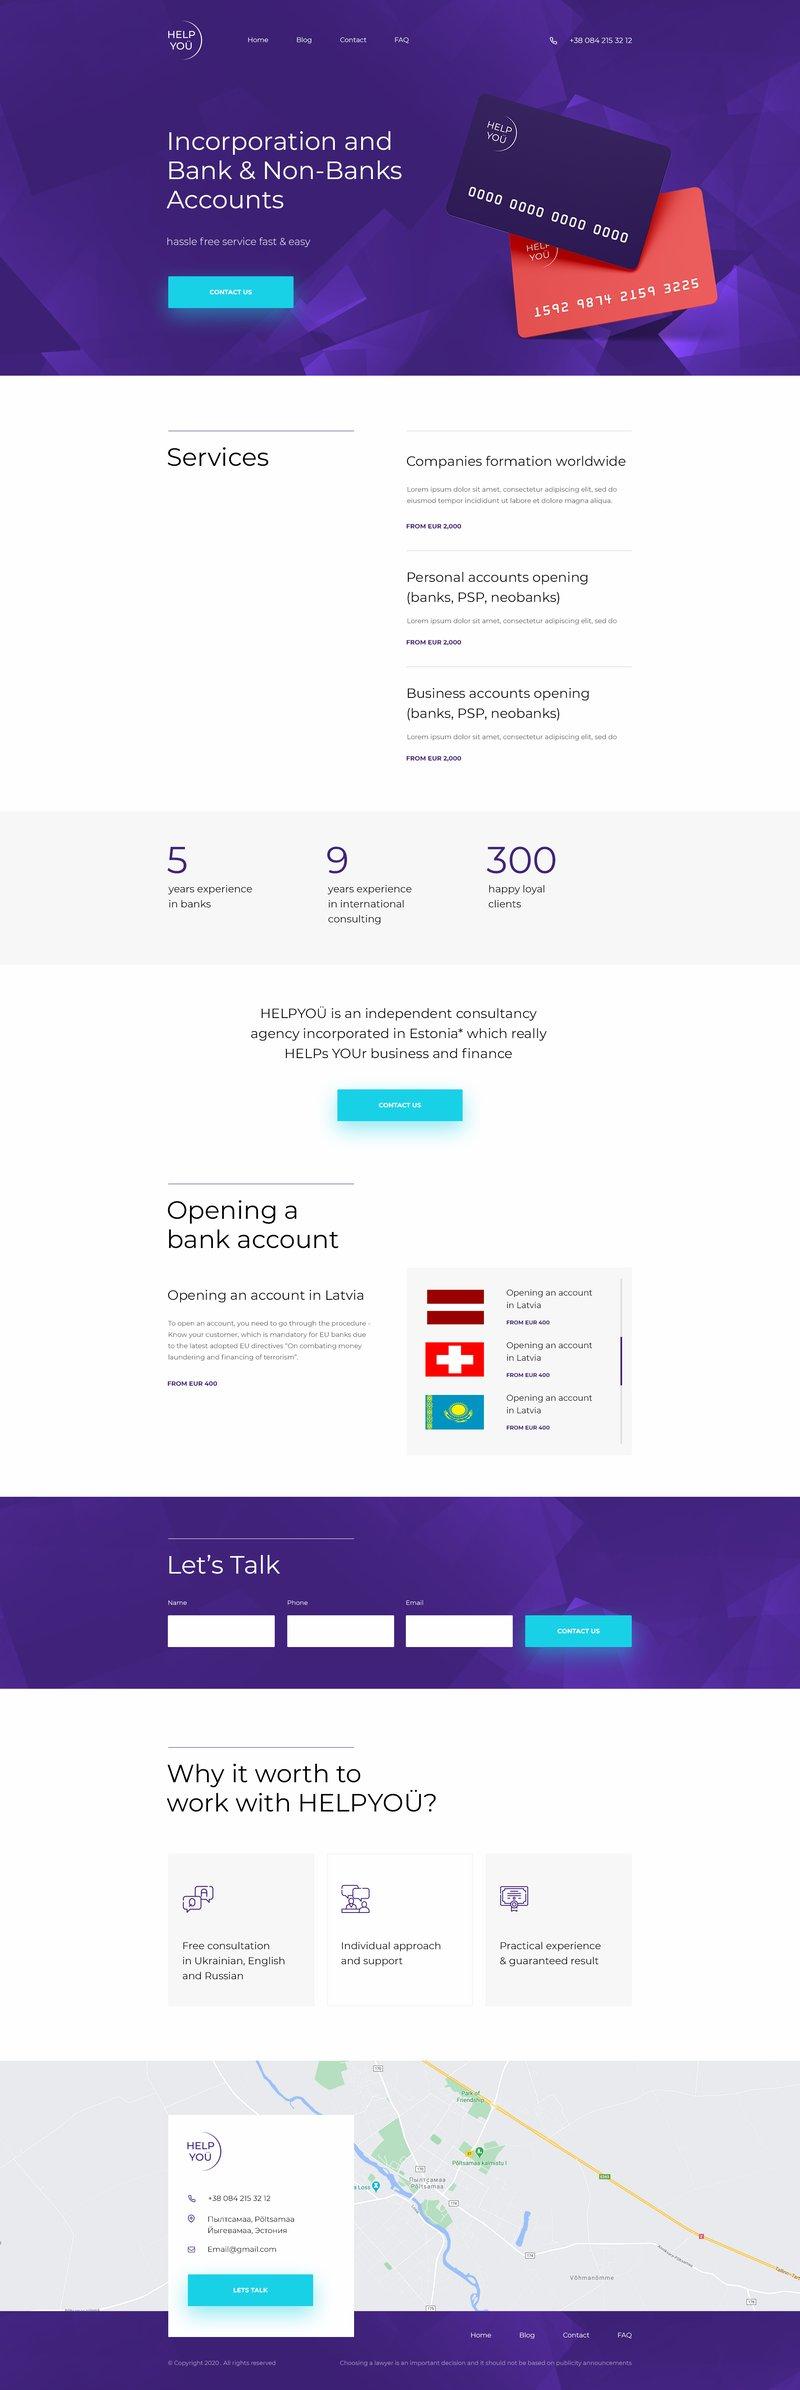 Дизайн сайта для Help you – работа в портфолио фрилансера